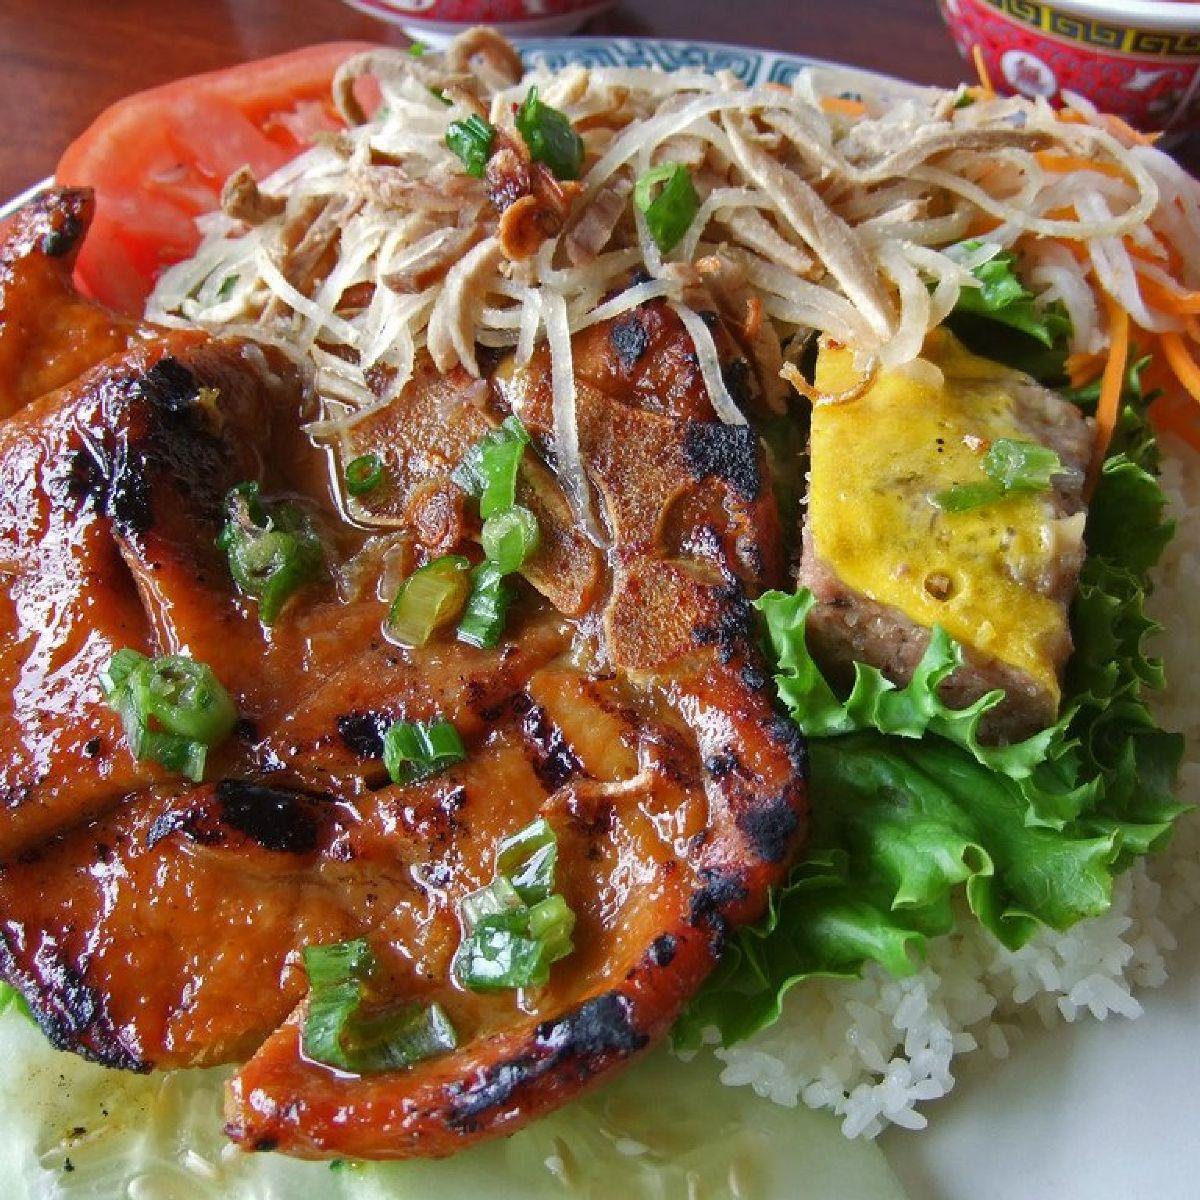 Quán Lệ - Cơm Sườn Nướng & Cơm Gà Nướng menu